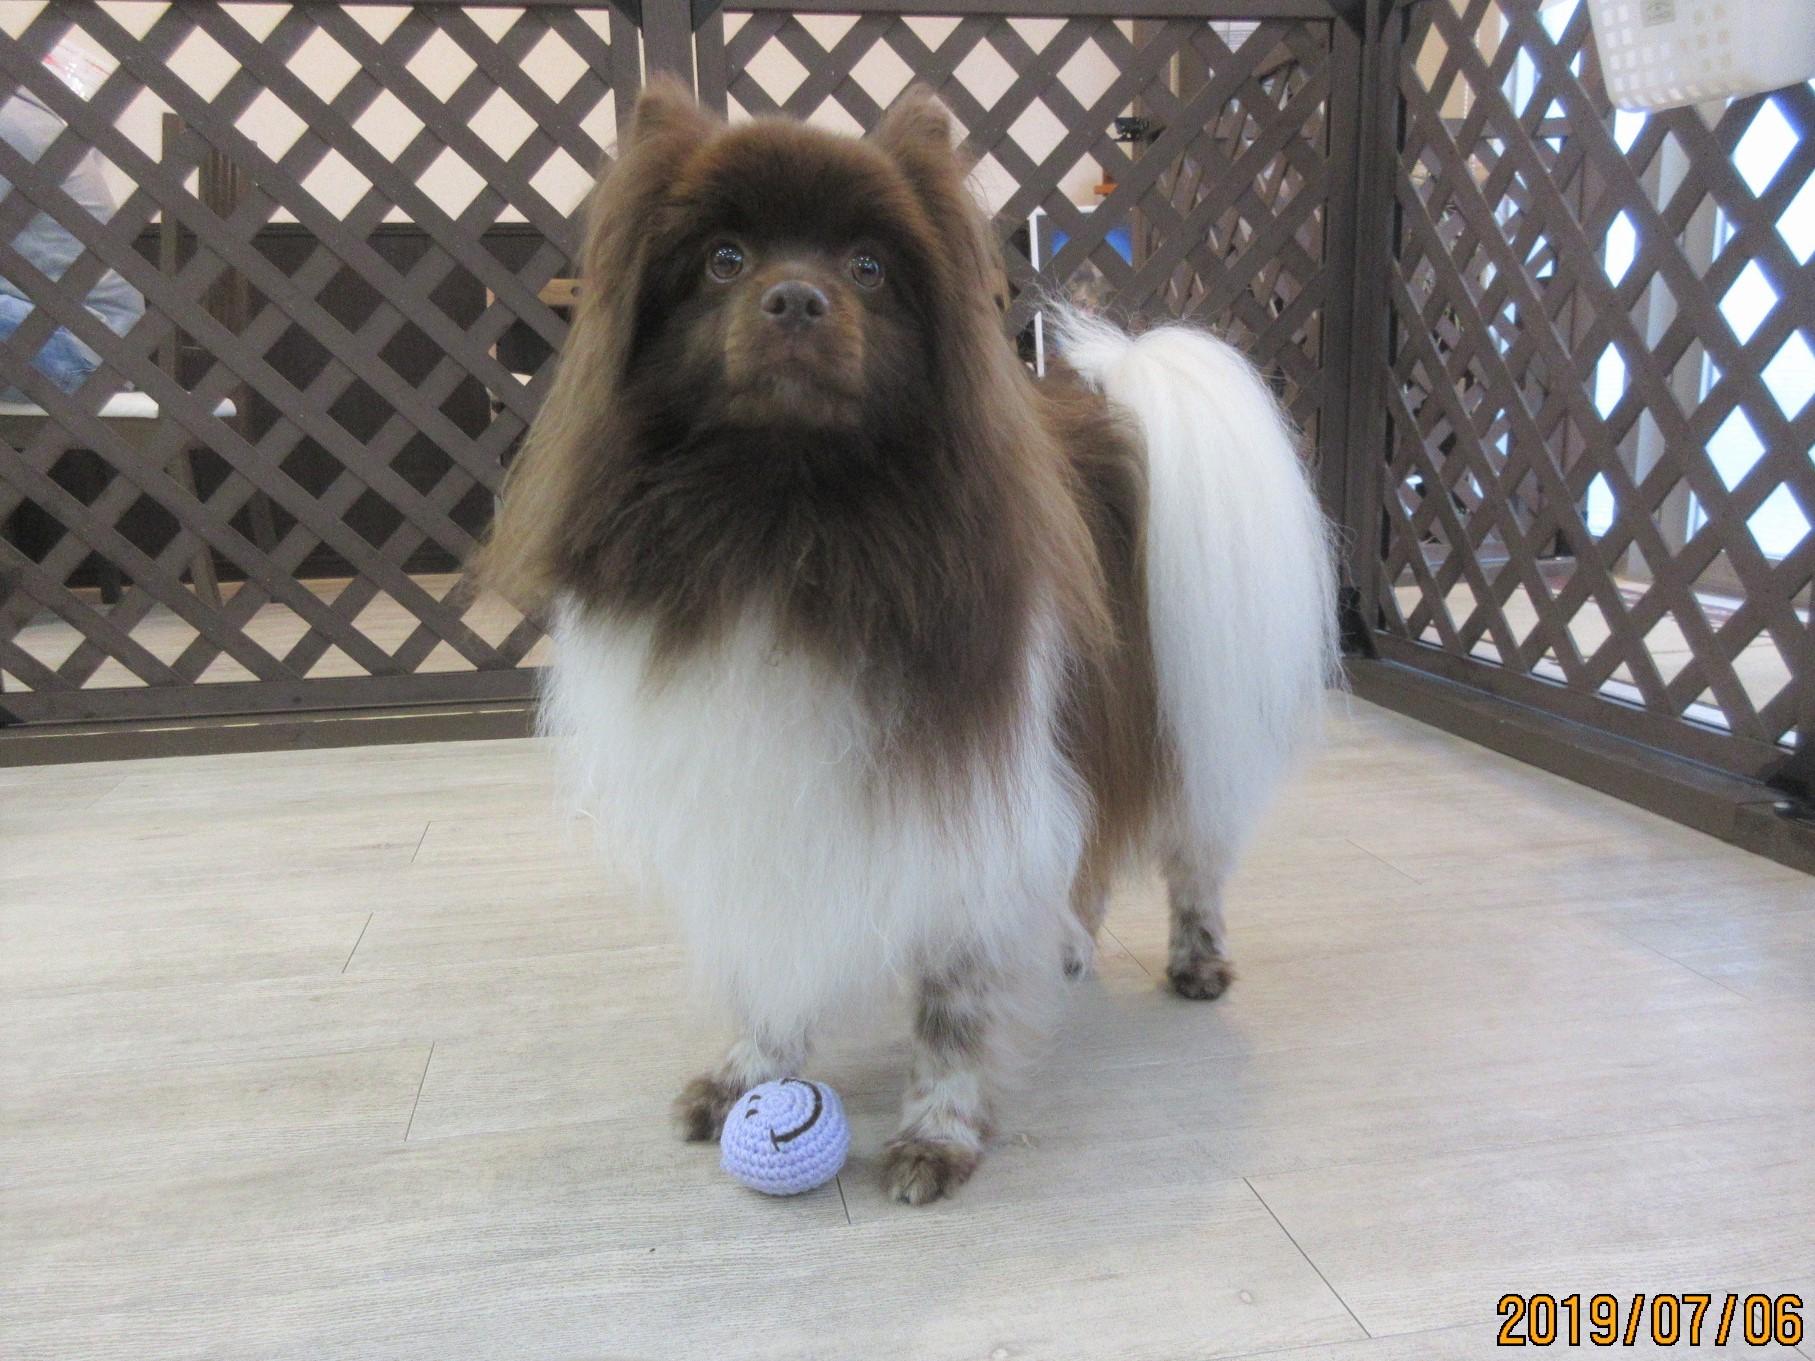 クッキーとニコちゃんボール・犬の保育園Baby・犬